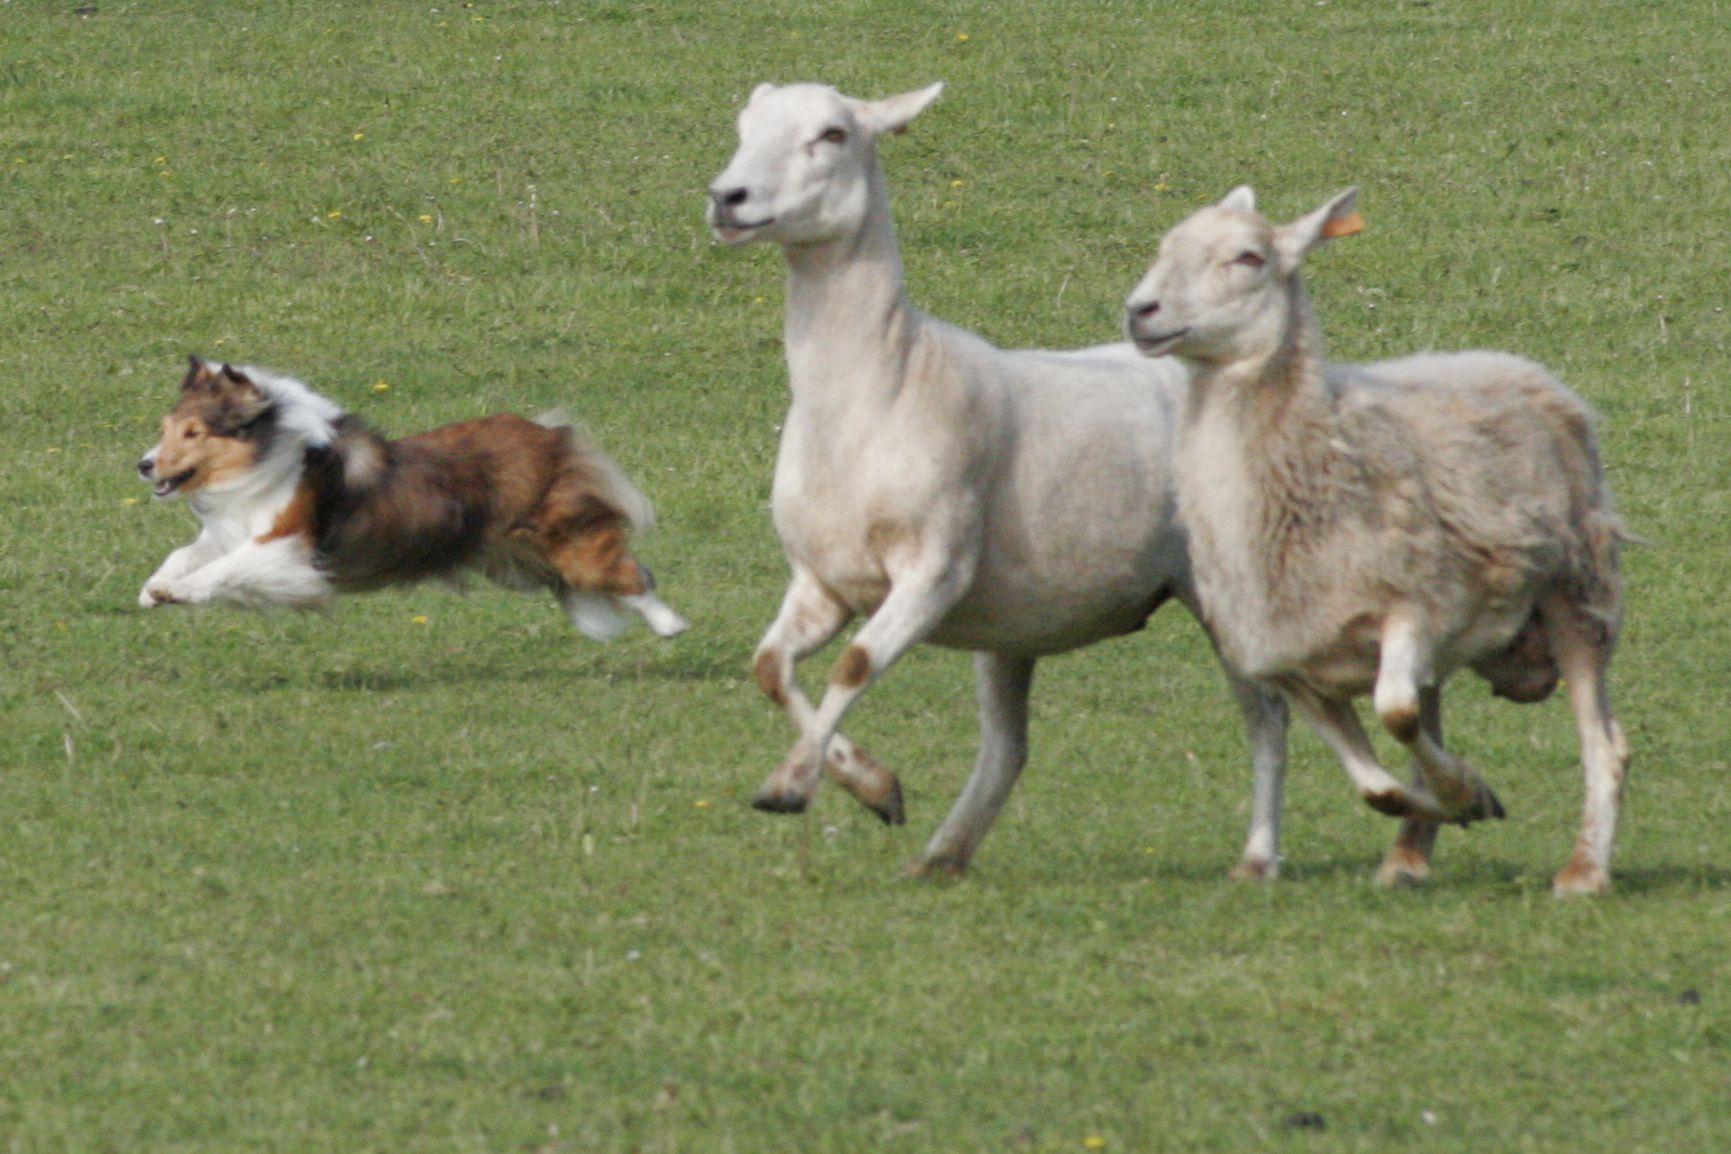 A shetland sheepdog herding sheep! Shetland sheepdog